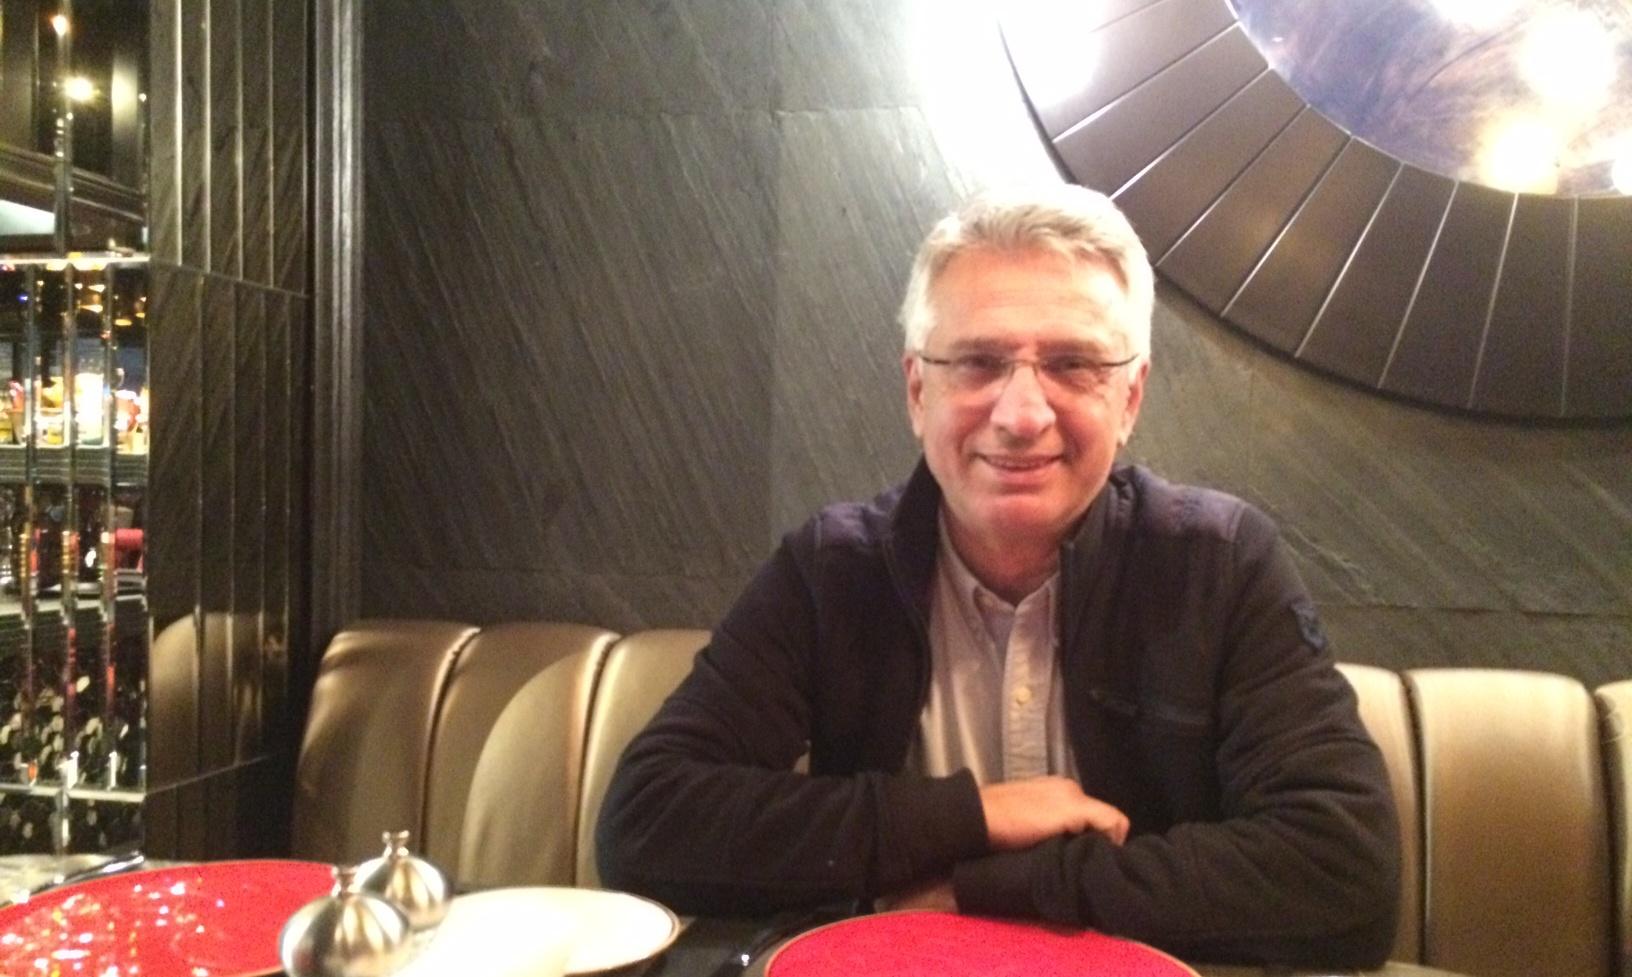 Tershane Restoran Şefi ve Ortağı Vedat Başaran ile Röportaj